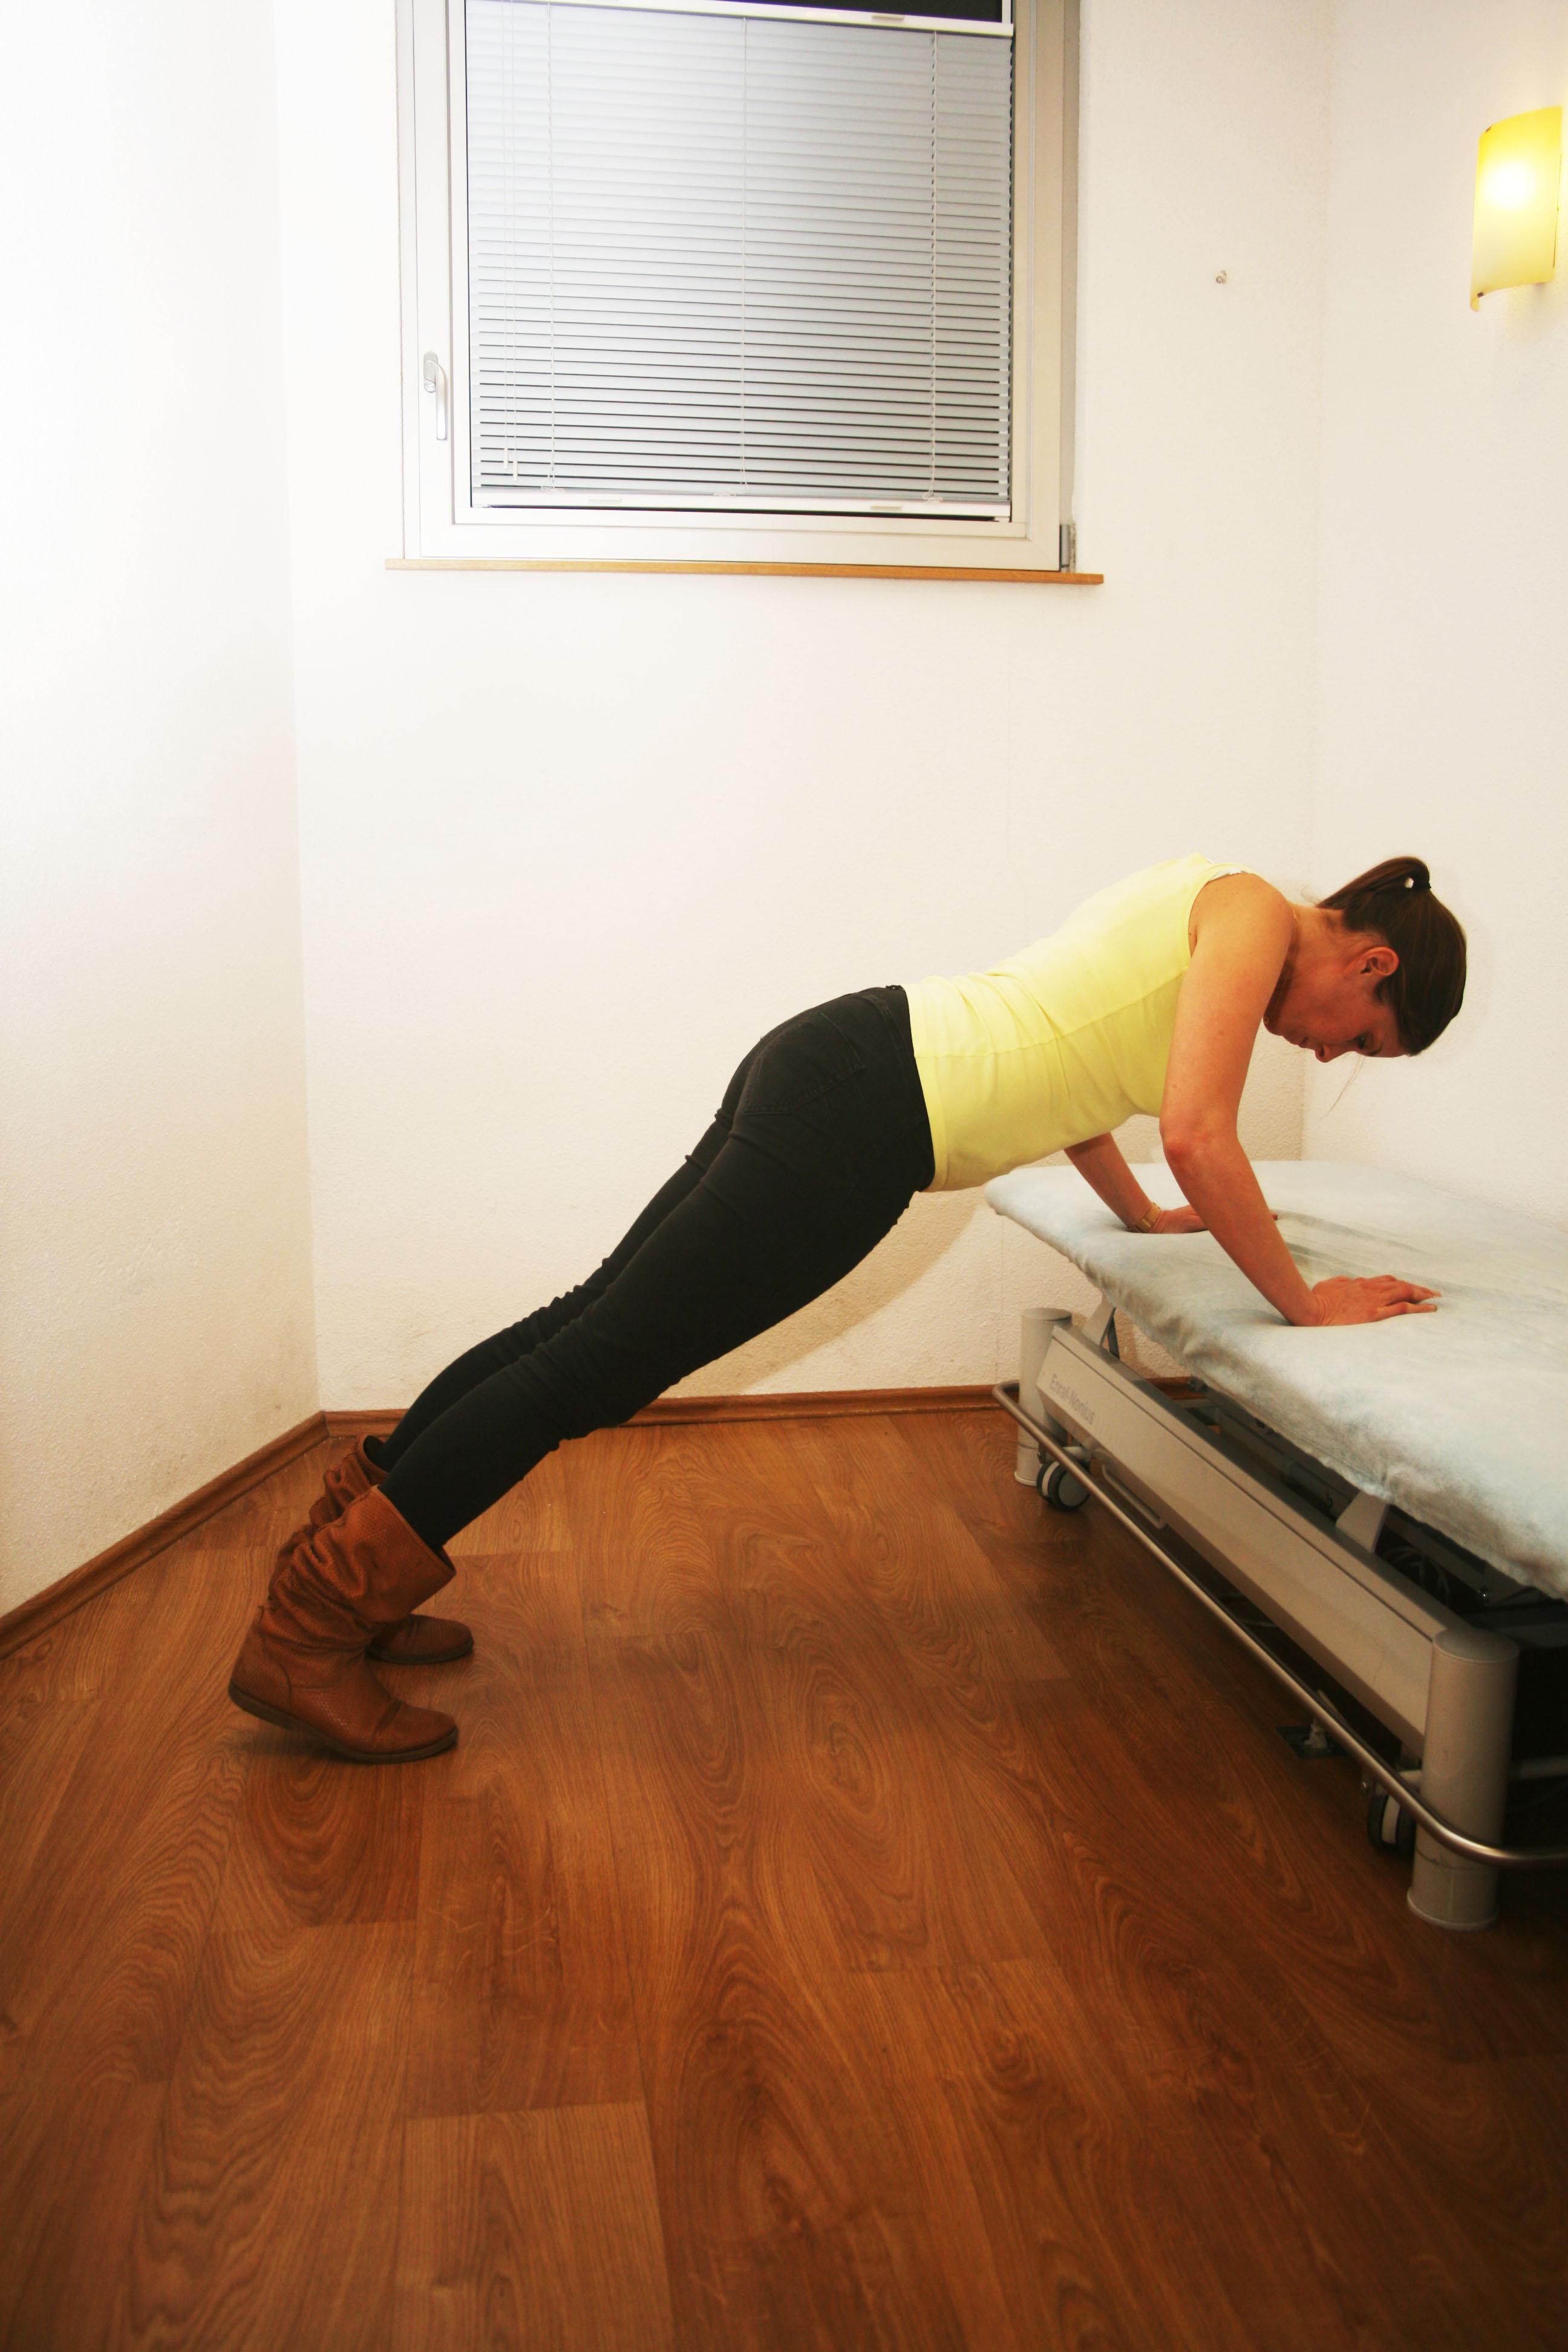 132 paule travail de r ception de chute sur les mains face un lit masseur kin sith rapeute. Black Bedroom Furniture Sets. Home Design Ideas